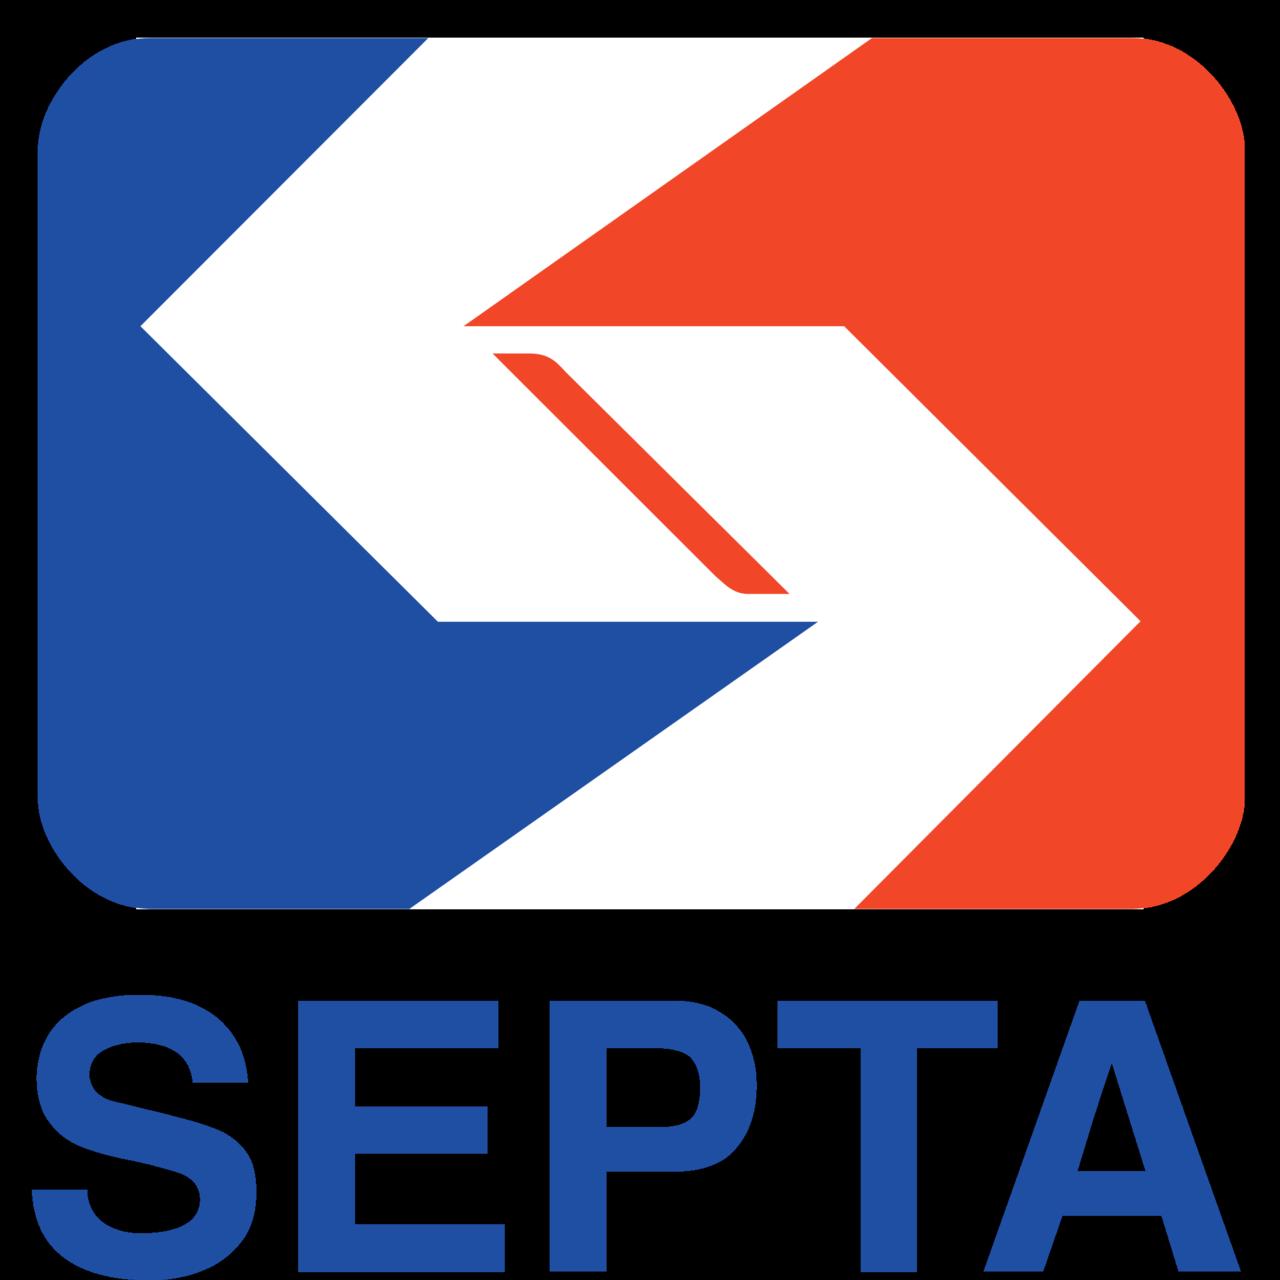 official SEPTA logo